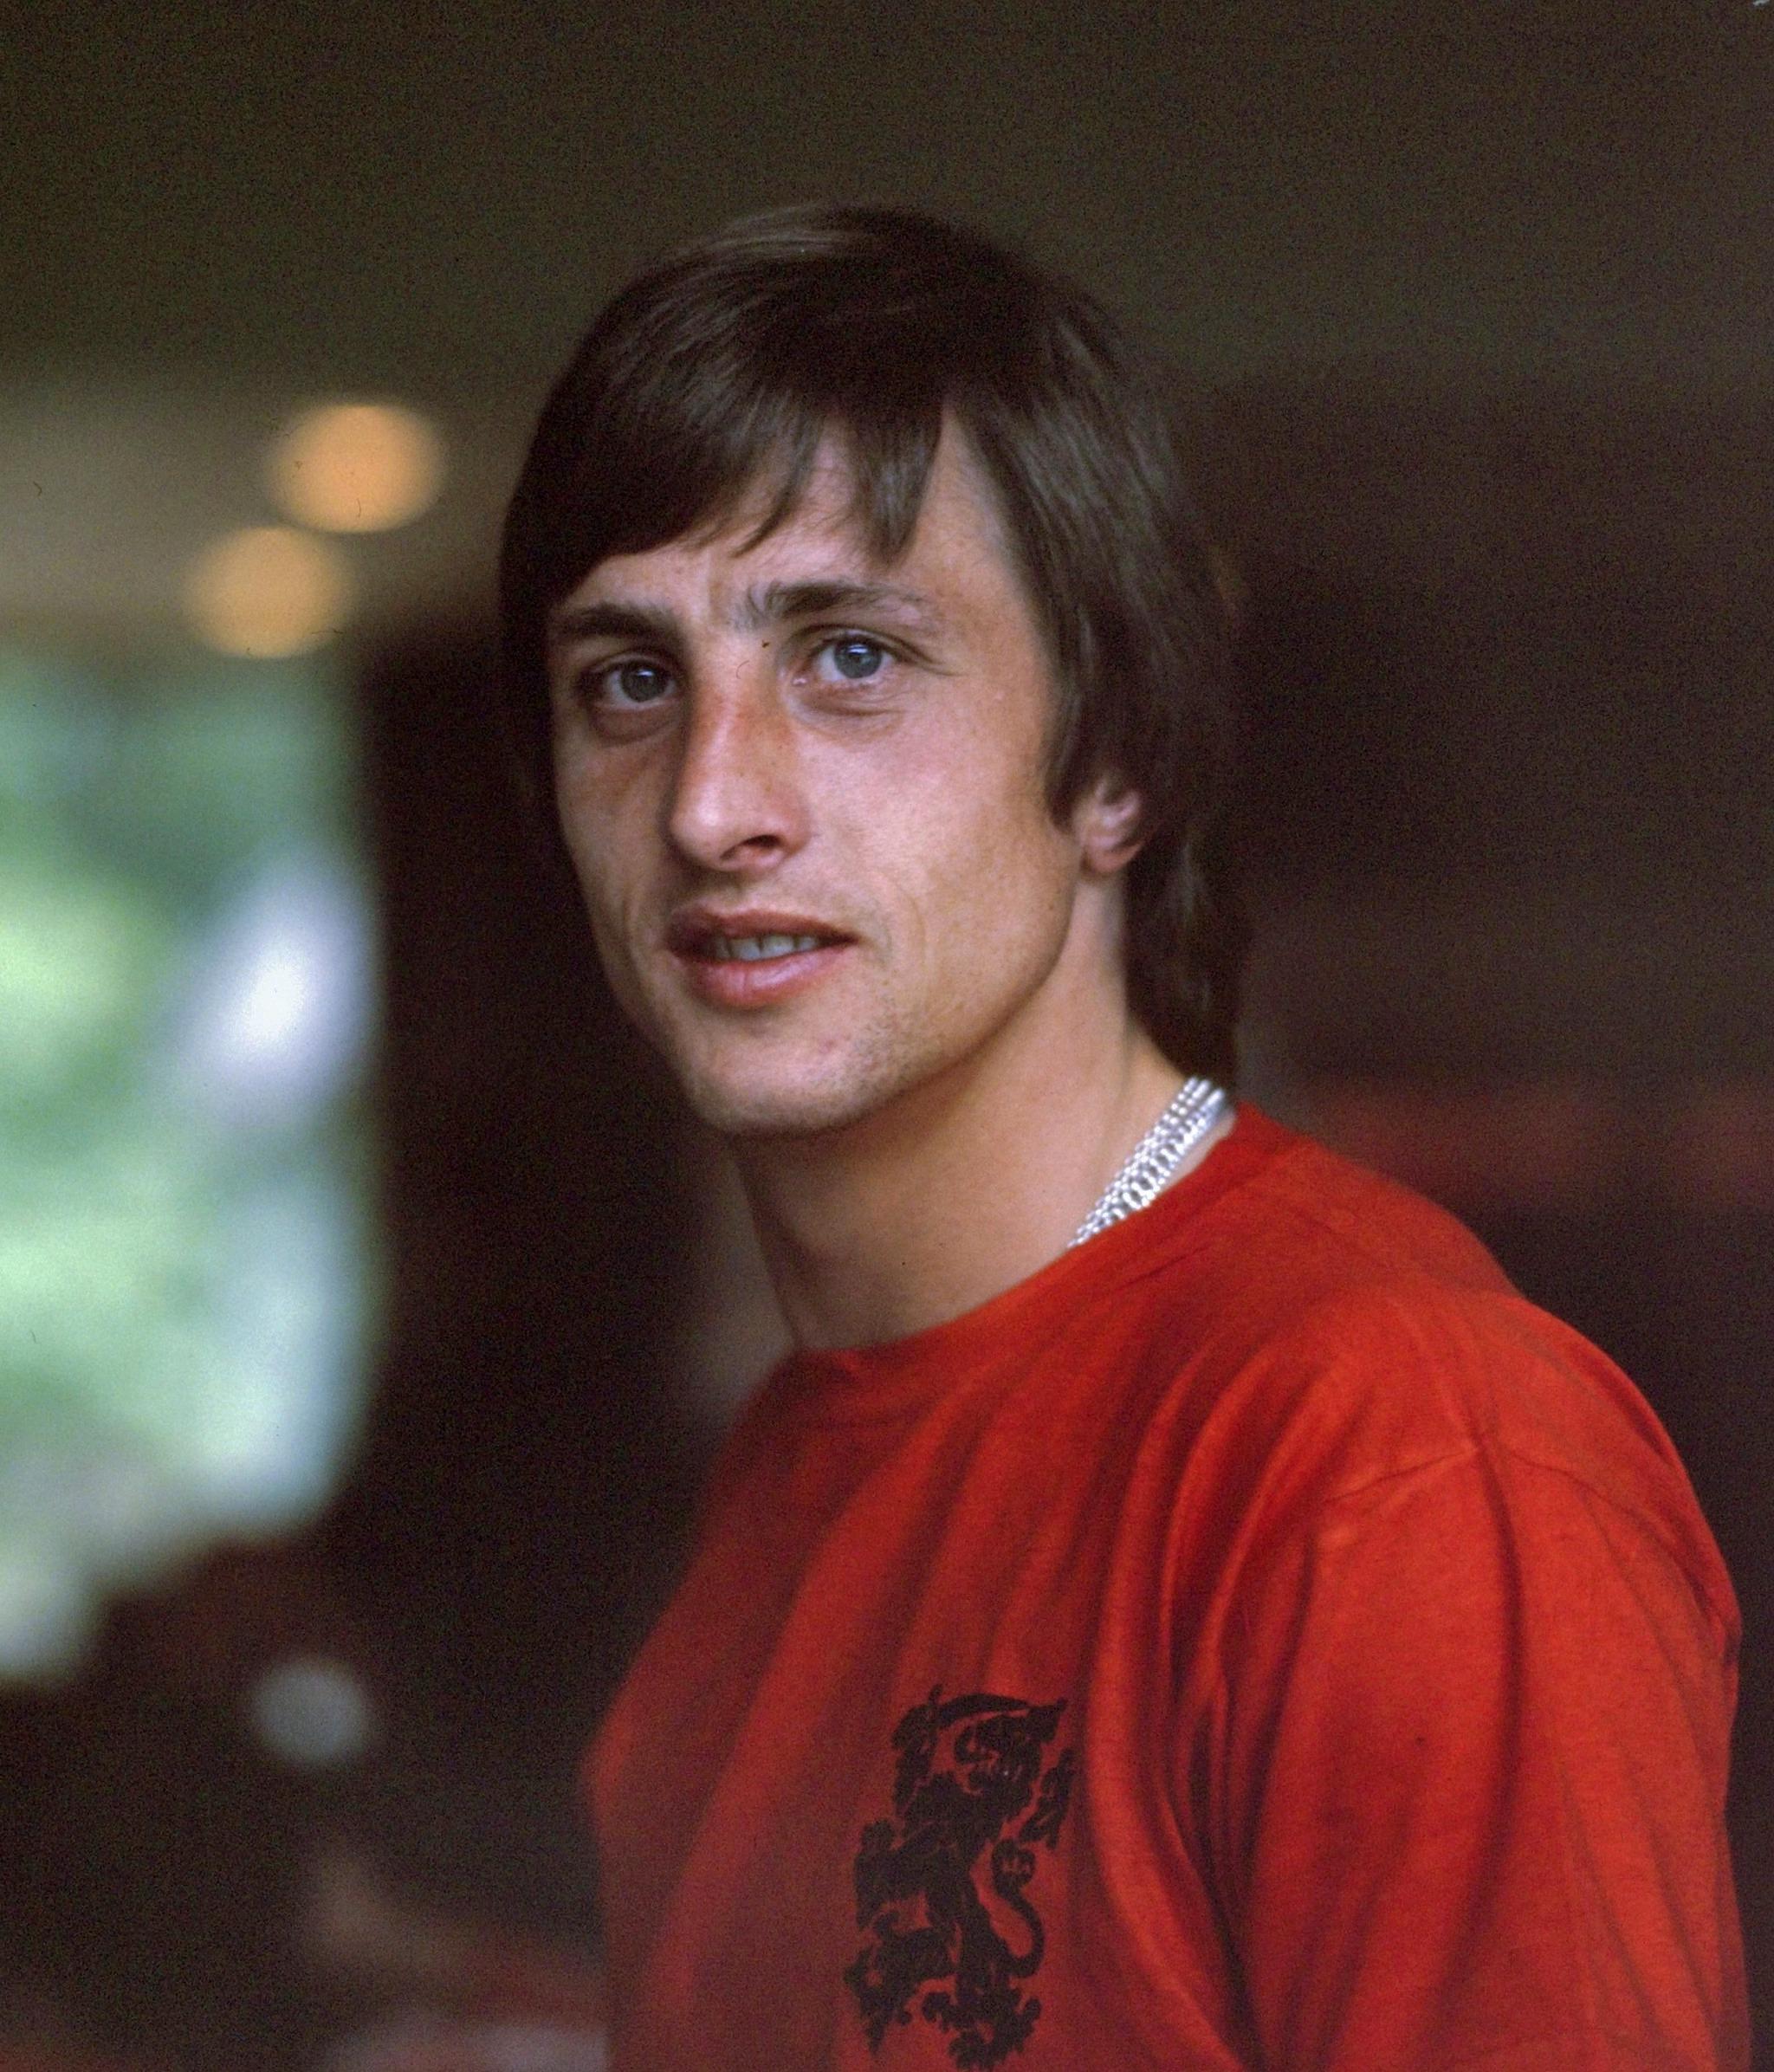 Johan Cruyff - Di sản của một huyền thoại (P2)